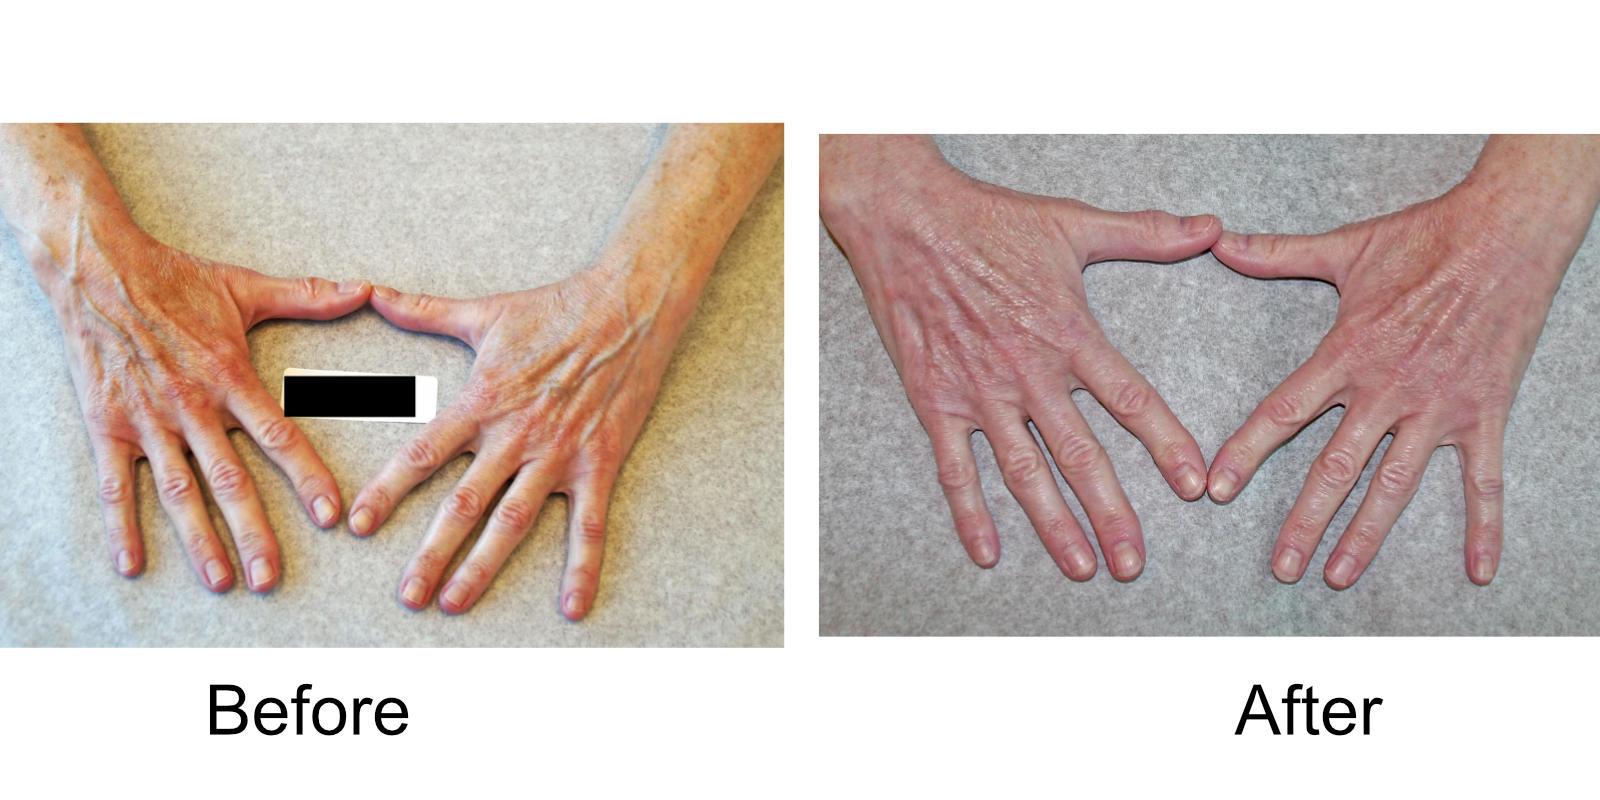 hand-veins-comparison-08